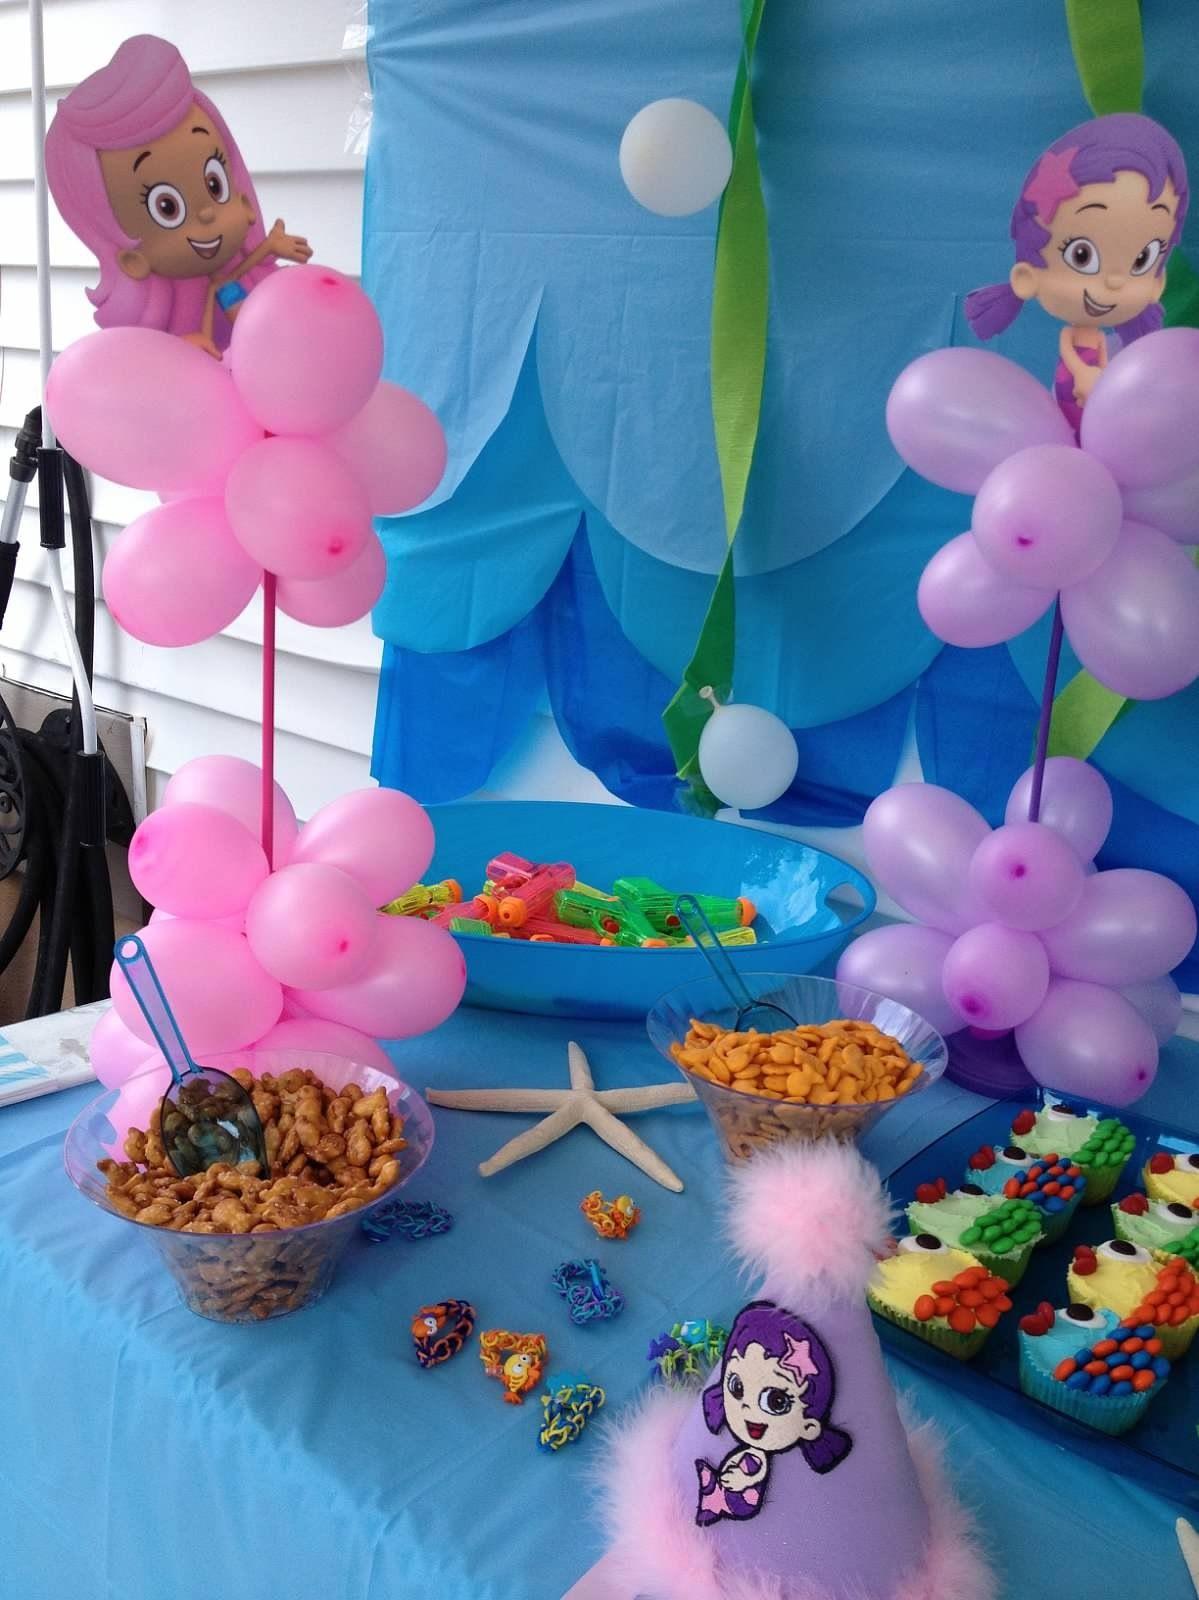 Bubble guppies finn 39 s 1st bash pinterest - Bubble guppies center pieces ...